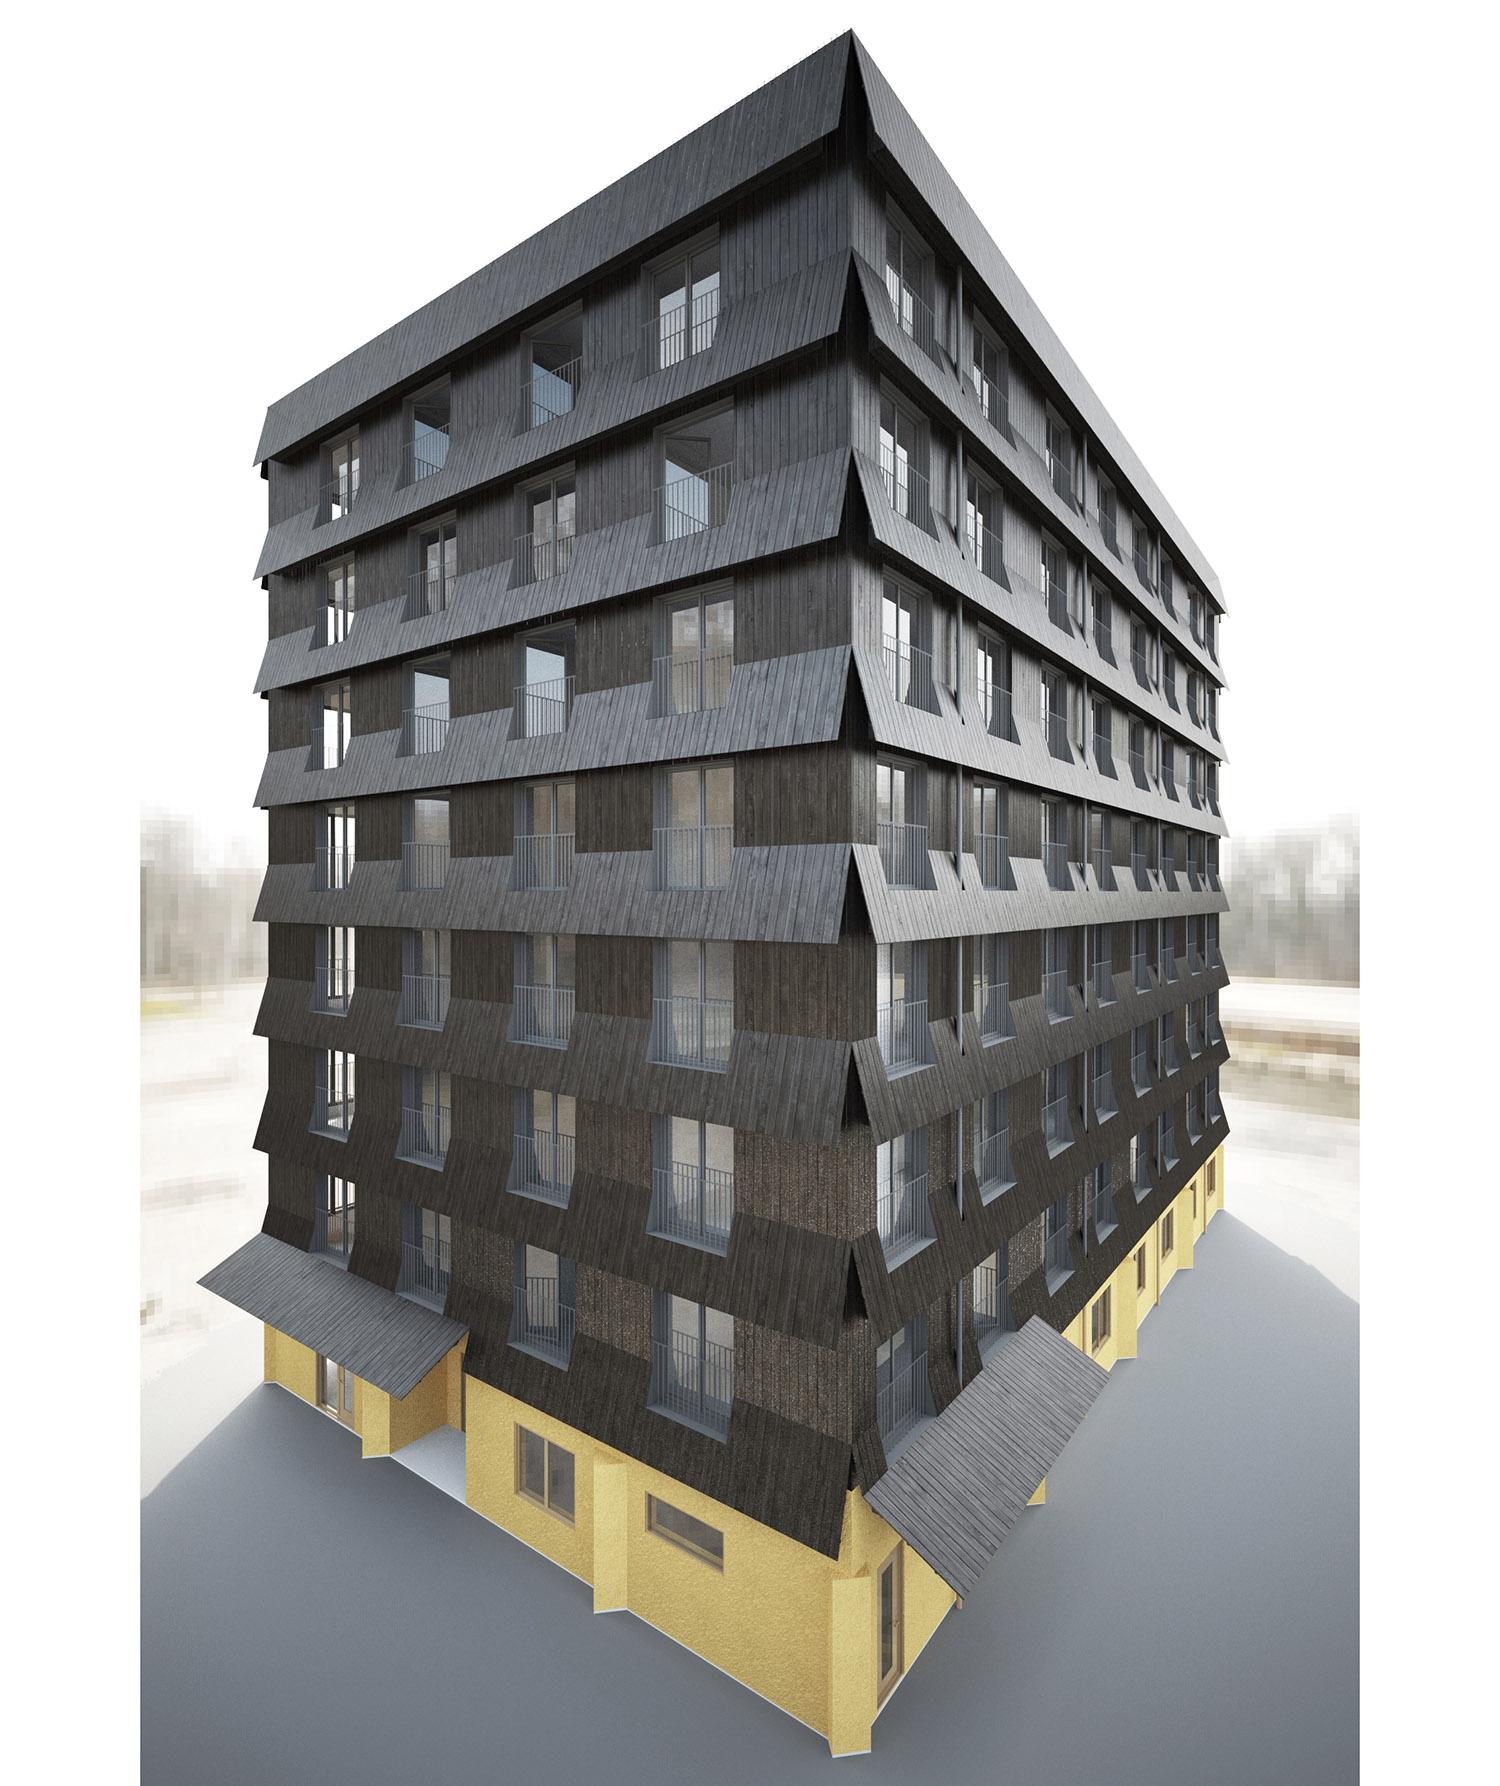 Nock bygger klimatsmarta lägenheter i Gävle